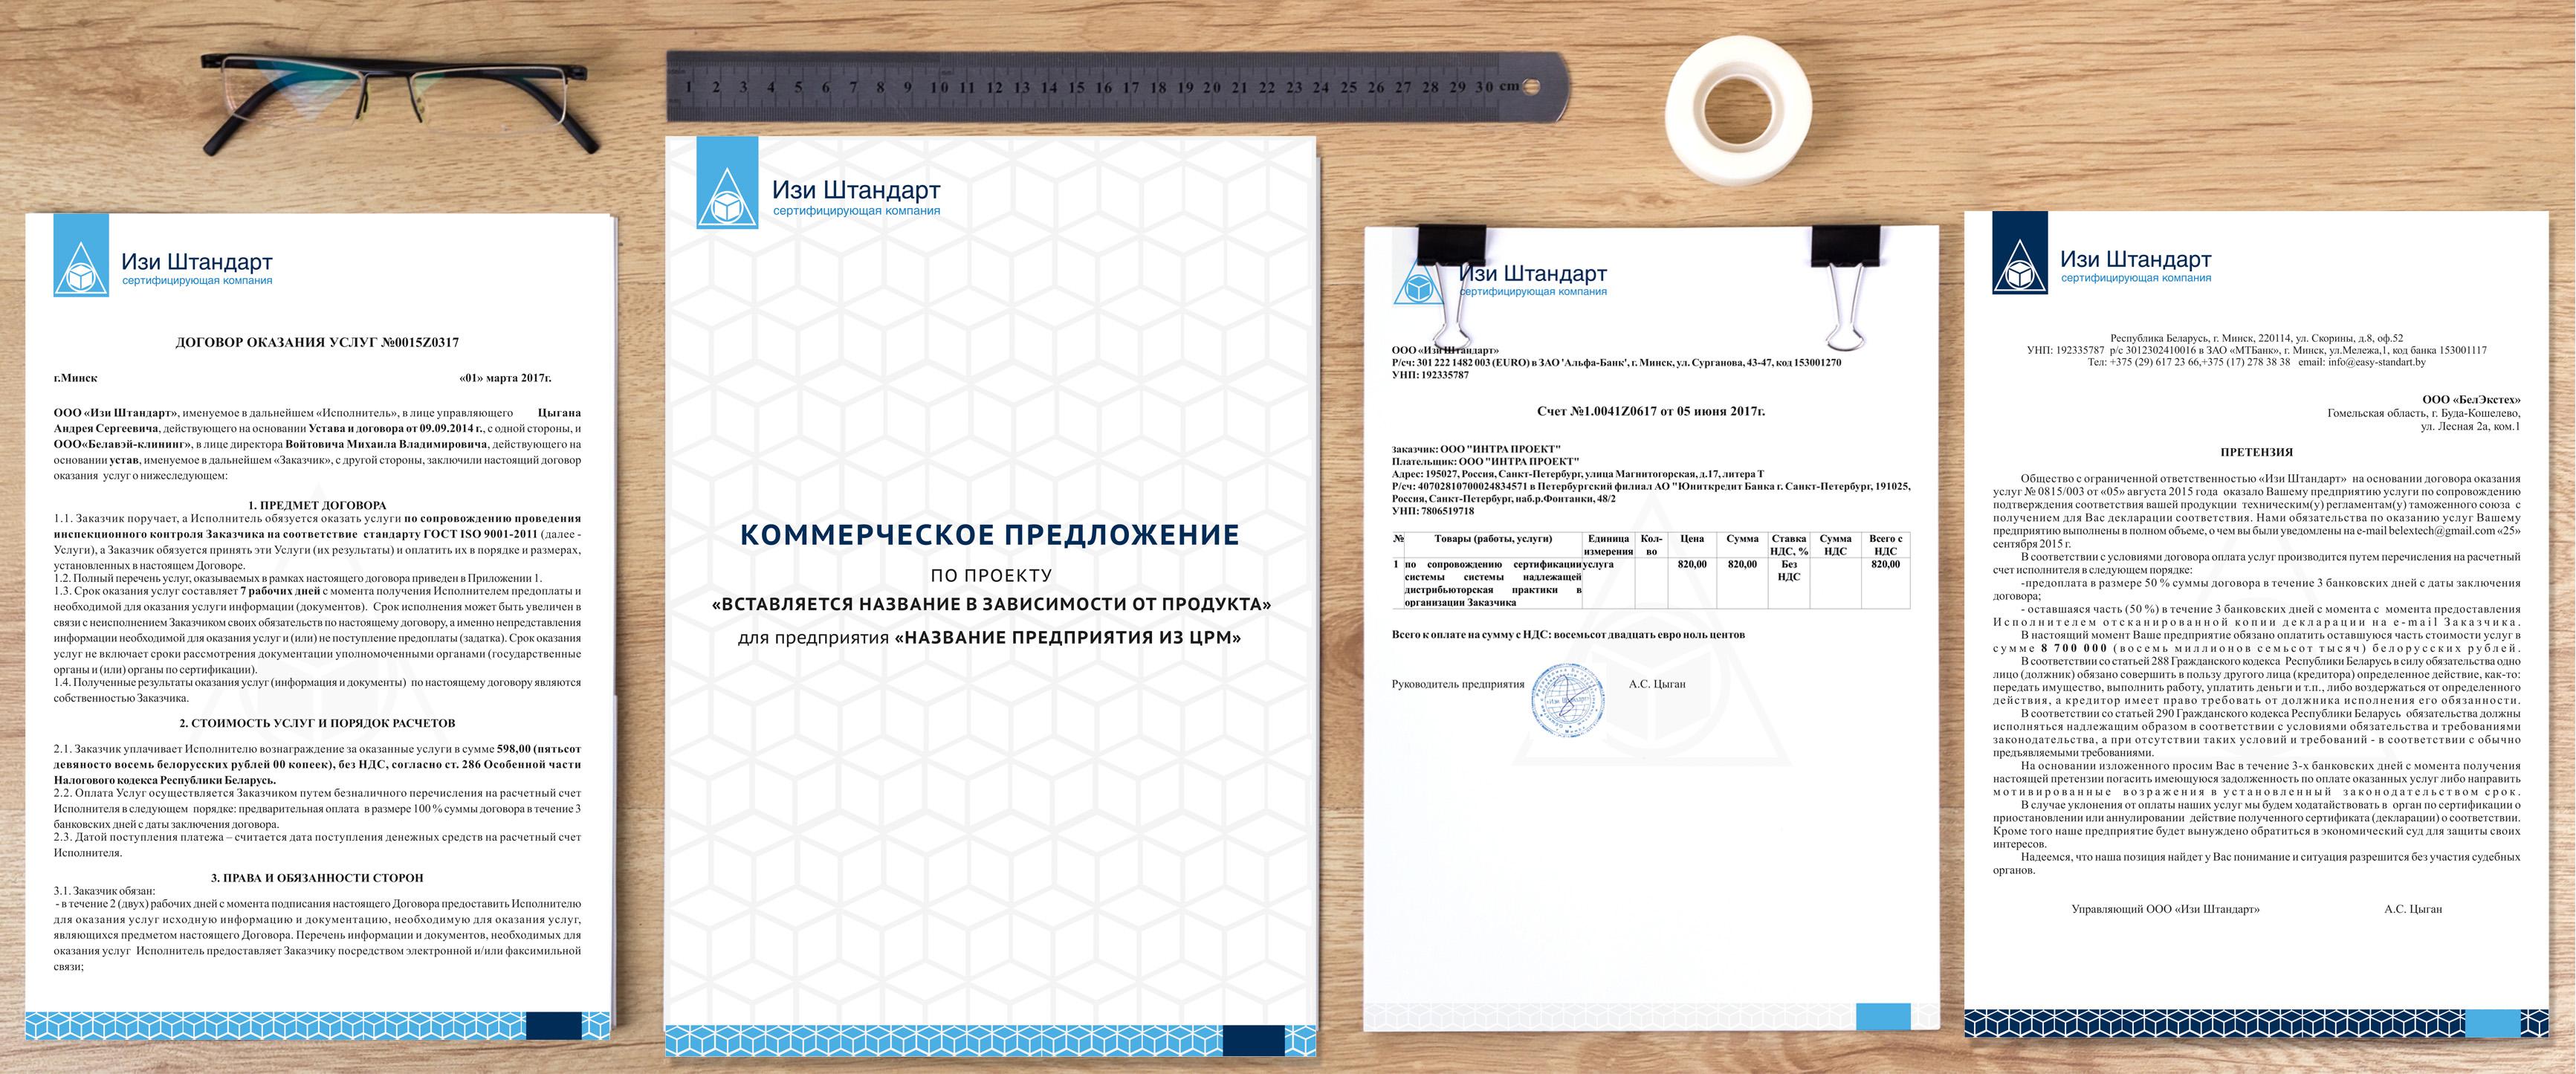 Оформление фирменных документов фото f_829594858c2434f9.jpg